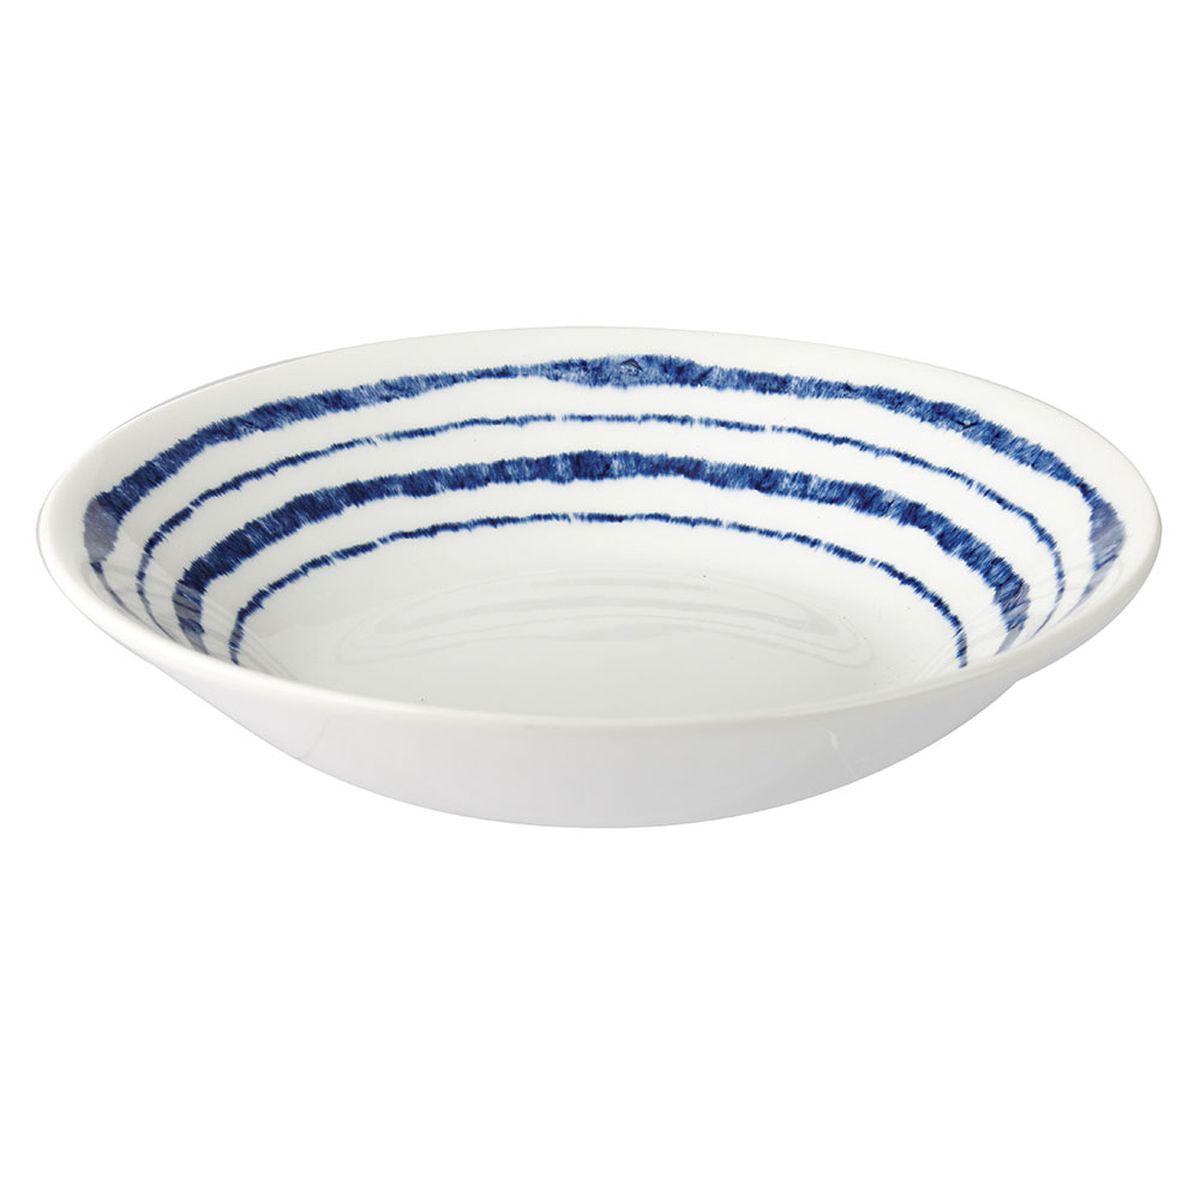 Тарелка суповая Churchill Инки, диаметр 15,5 см. INKI00111 тарелка churchill инки диаметр 26 см